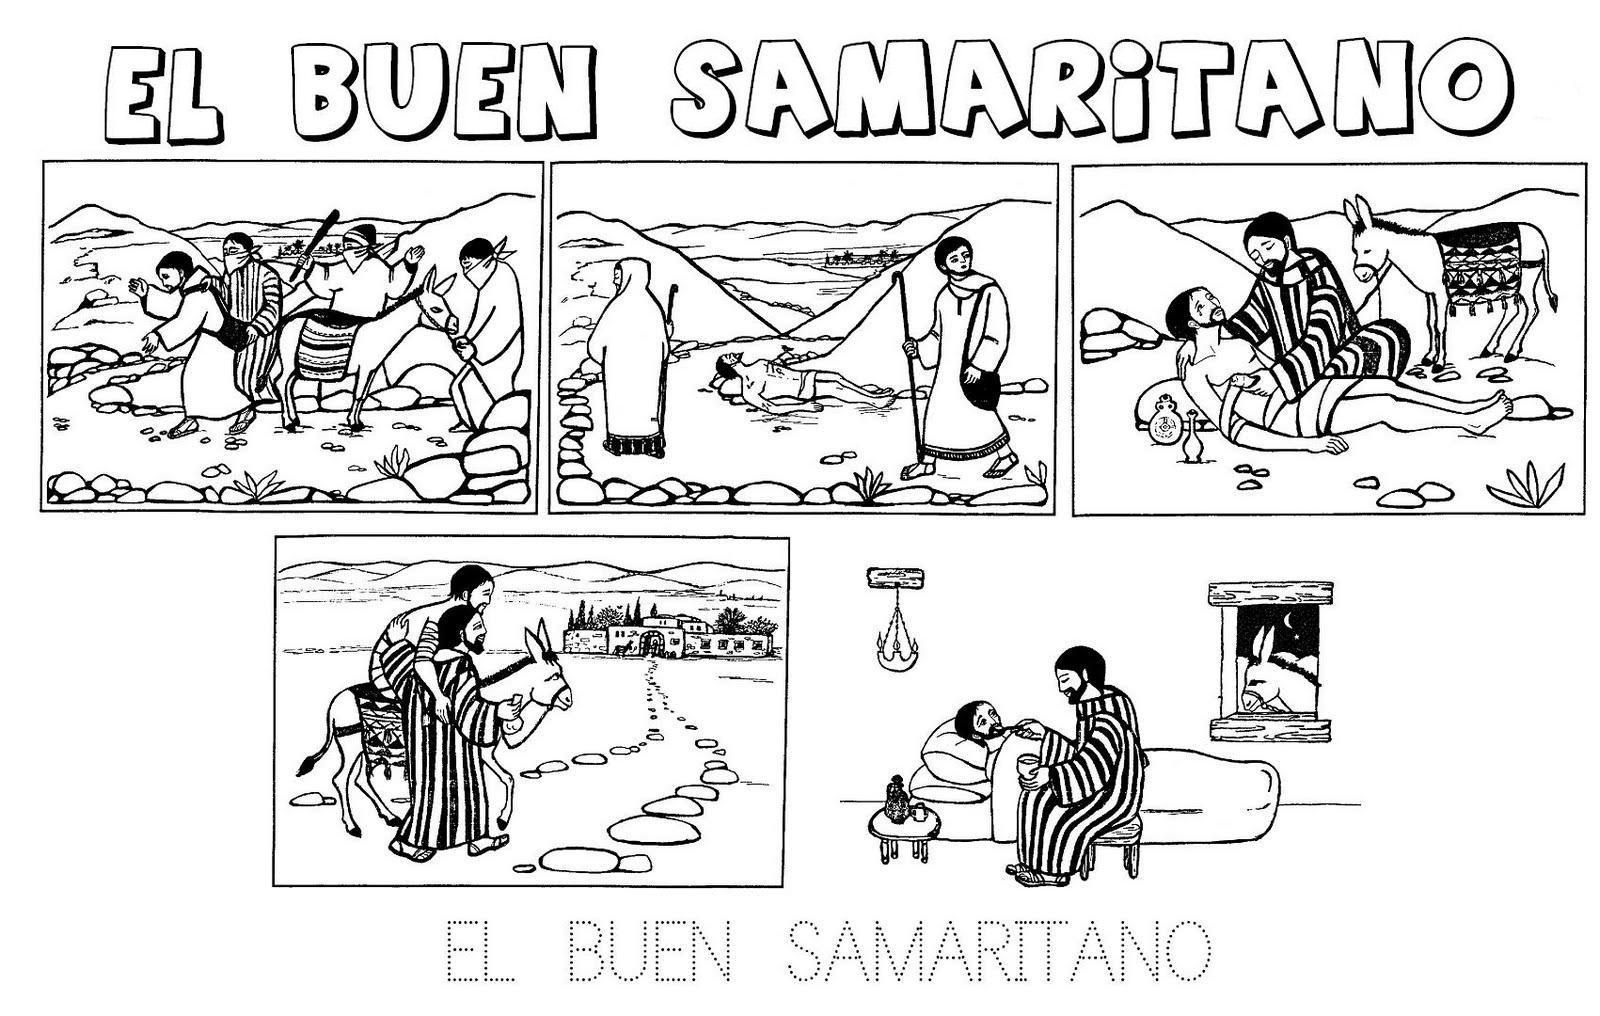 Buenos Amigos: El Buen Samaritano